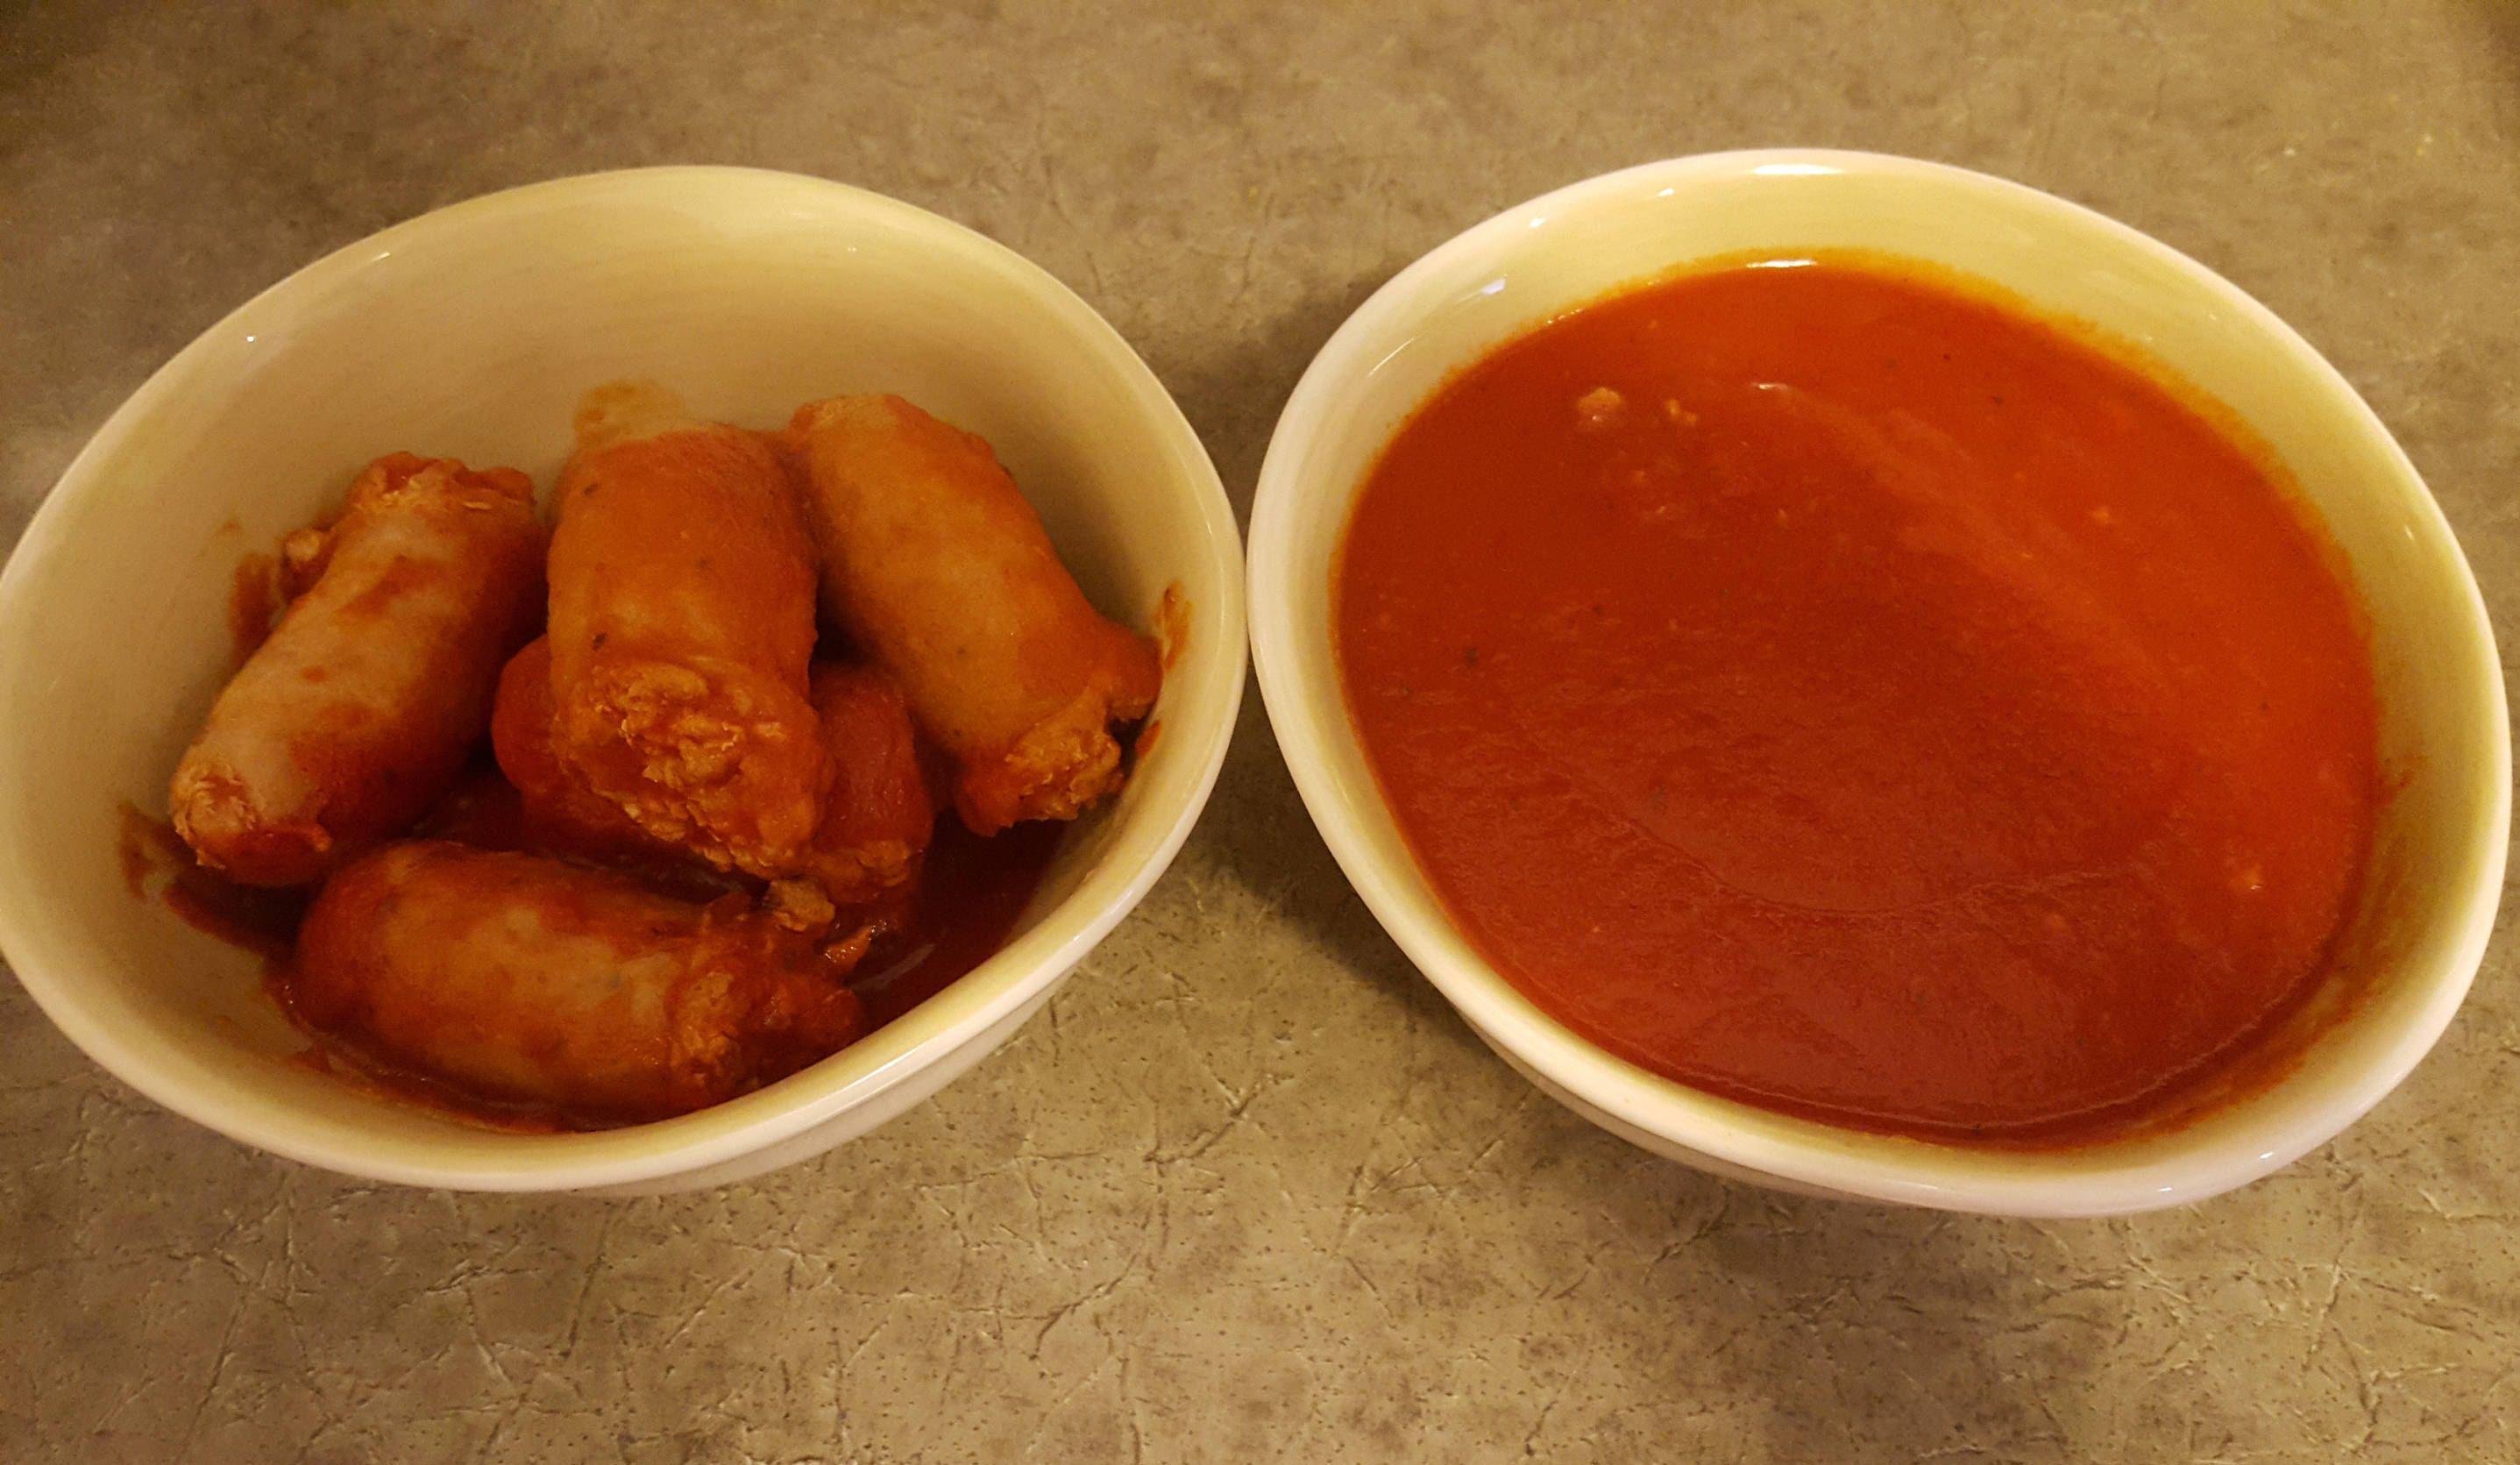 Lisas tomato sauce with italian sausage recipe pdf digital lisas tomato sauce with italian sausage recipe pdf digital download italian dinner italian tomato sauce recipe italian sausage forumfinder Gallery